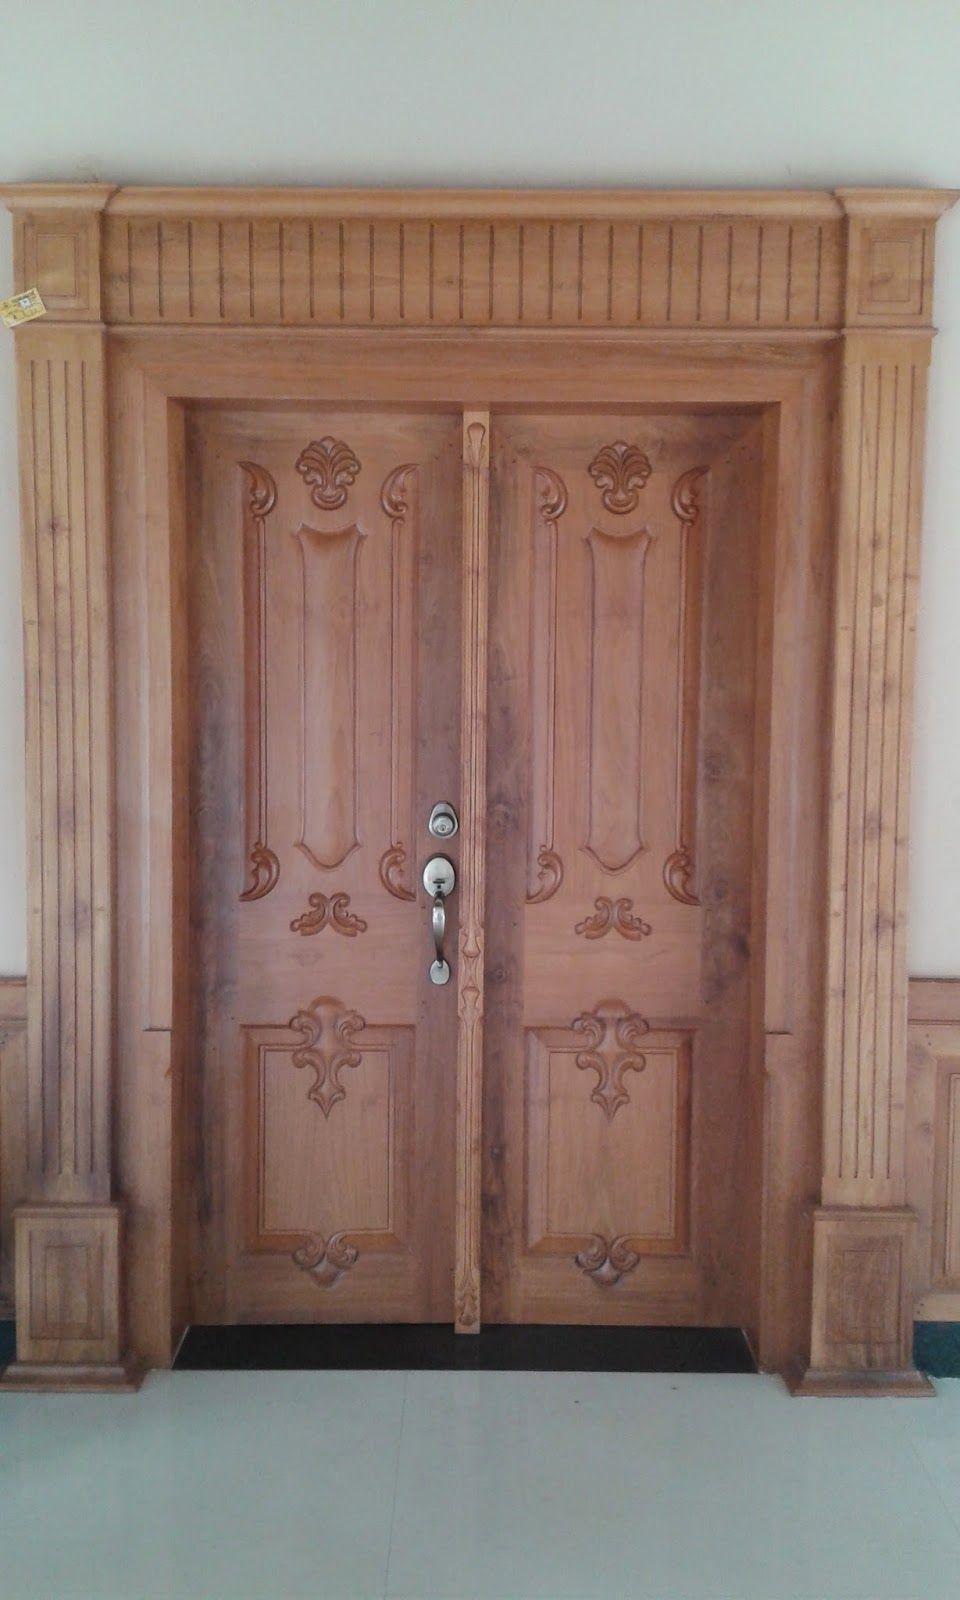 Main Door Design For Home Edeprem  Main Door Design For Home edeprem com. Home Main Door Design